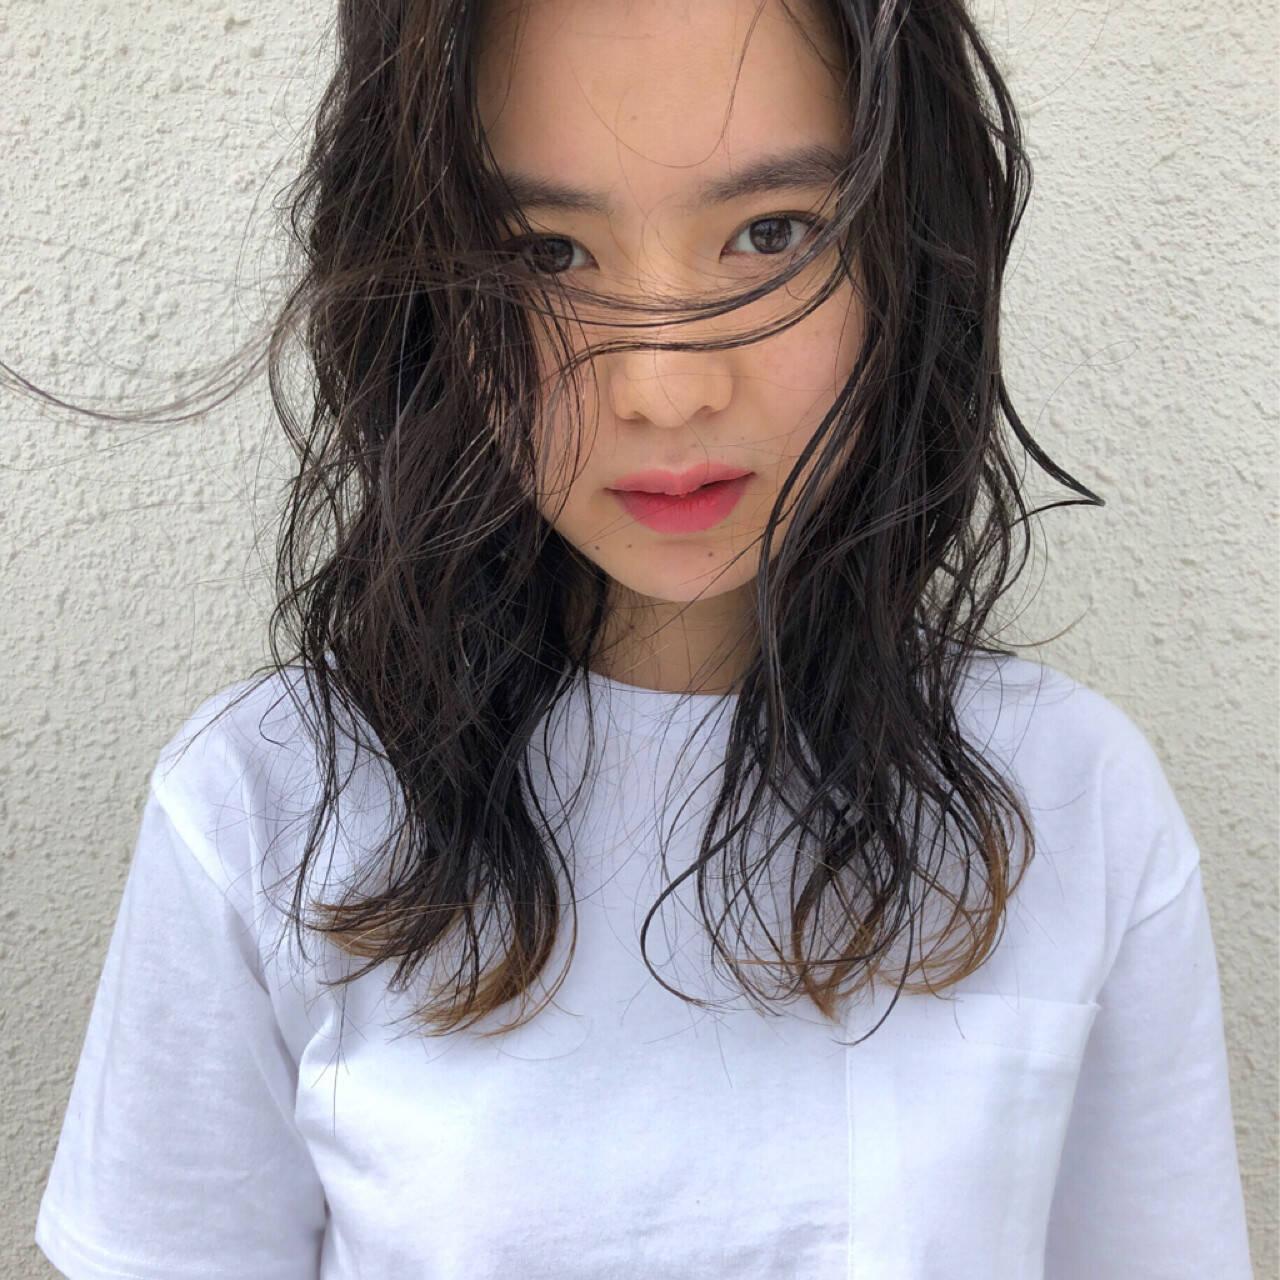 ミディアム グラデーションカラー ウェーブ スポーツヘアスタイルや髪型の写真・画像